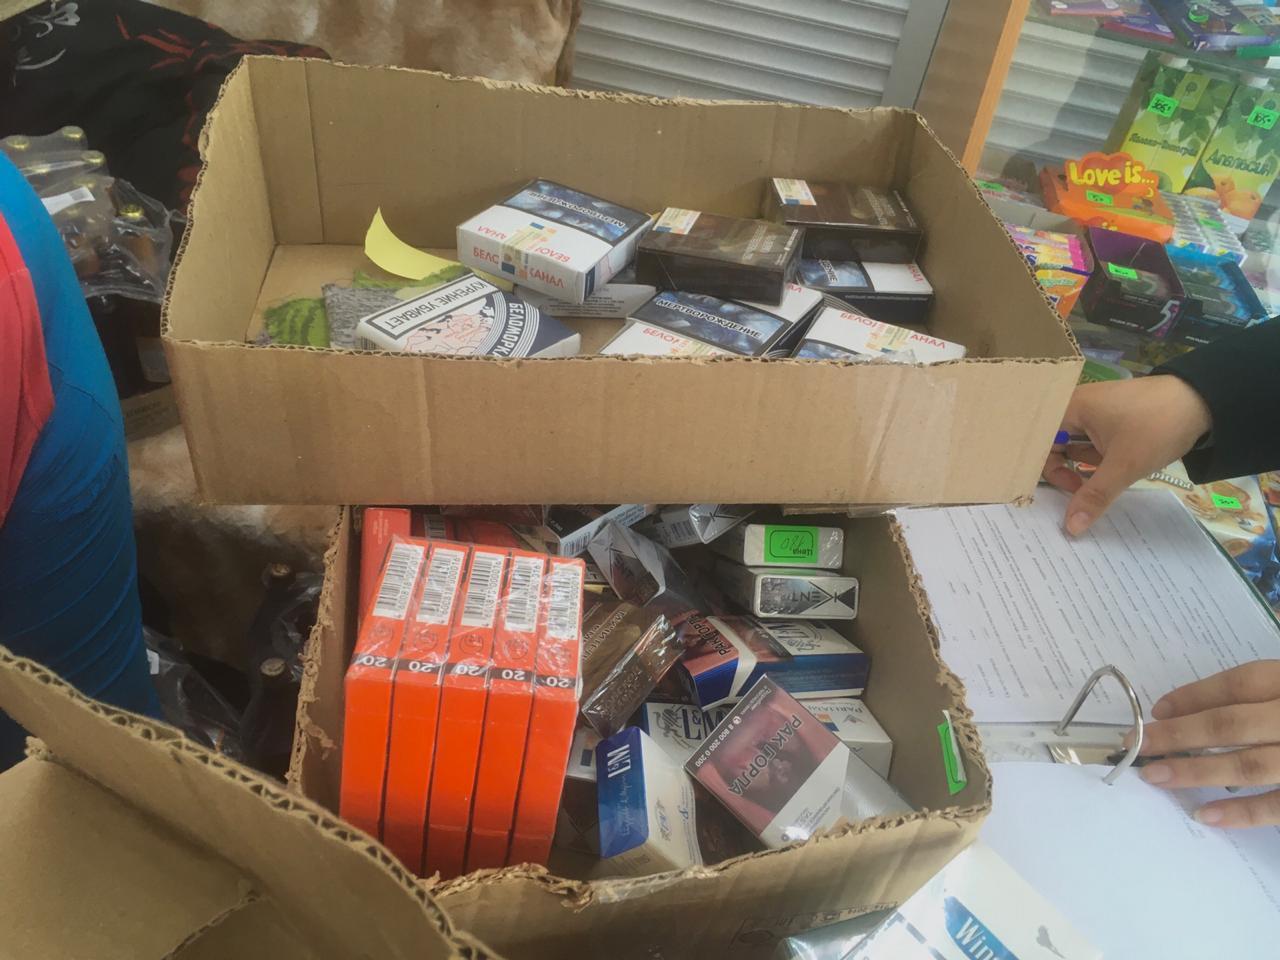 Нелегальный алкоголь и сигареты изъяли  в торговой точке Екатеринбурга